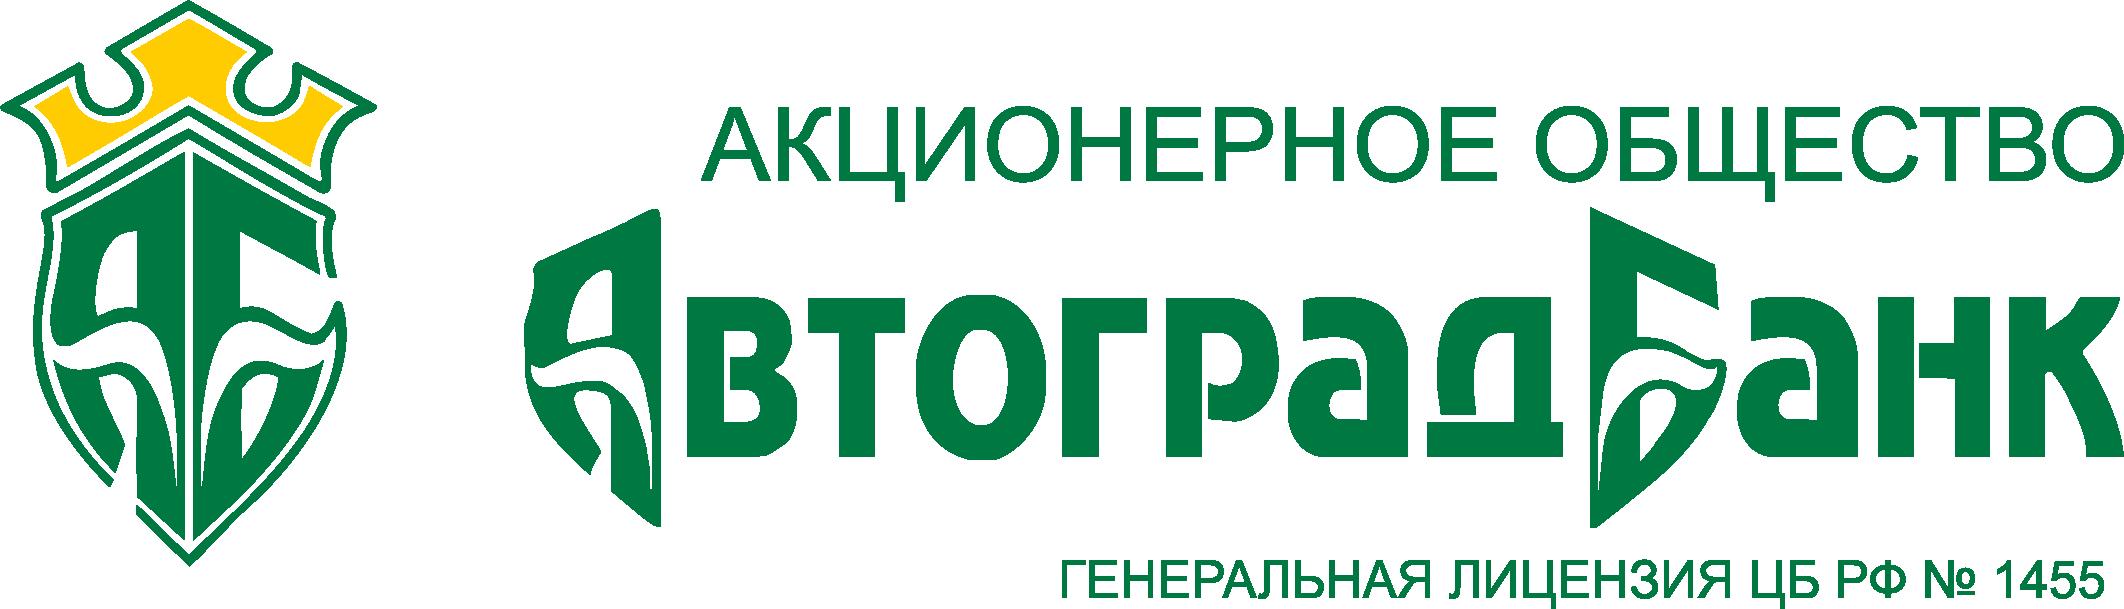 О режиме работы офисов Автоградбанка в г. Альметьевск - «Автоградбанк»